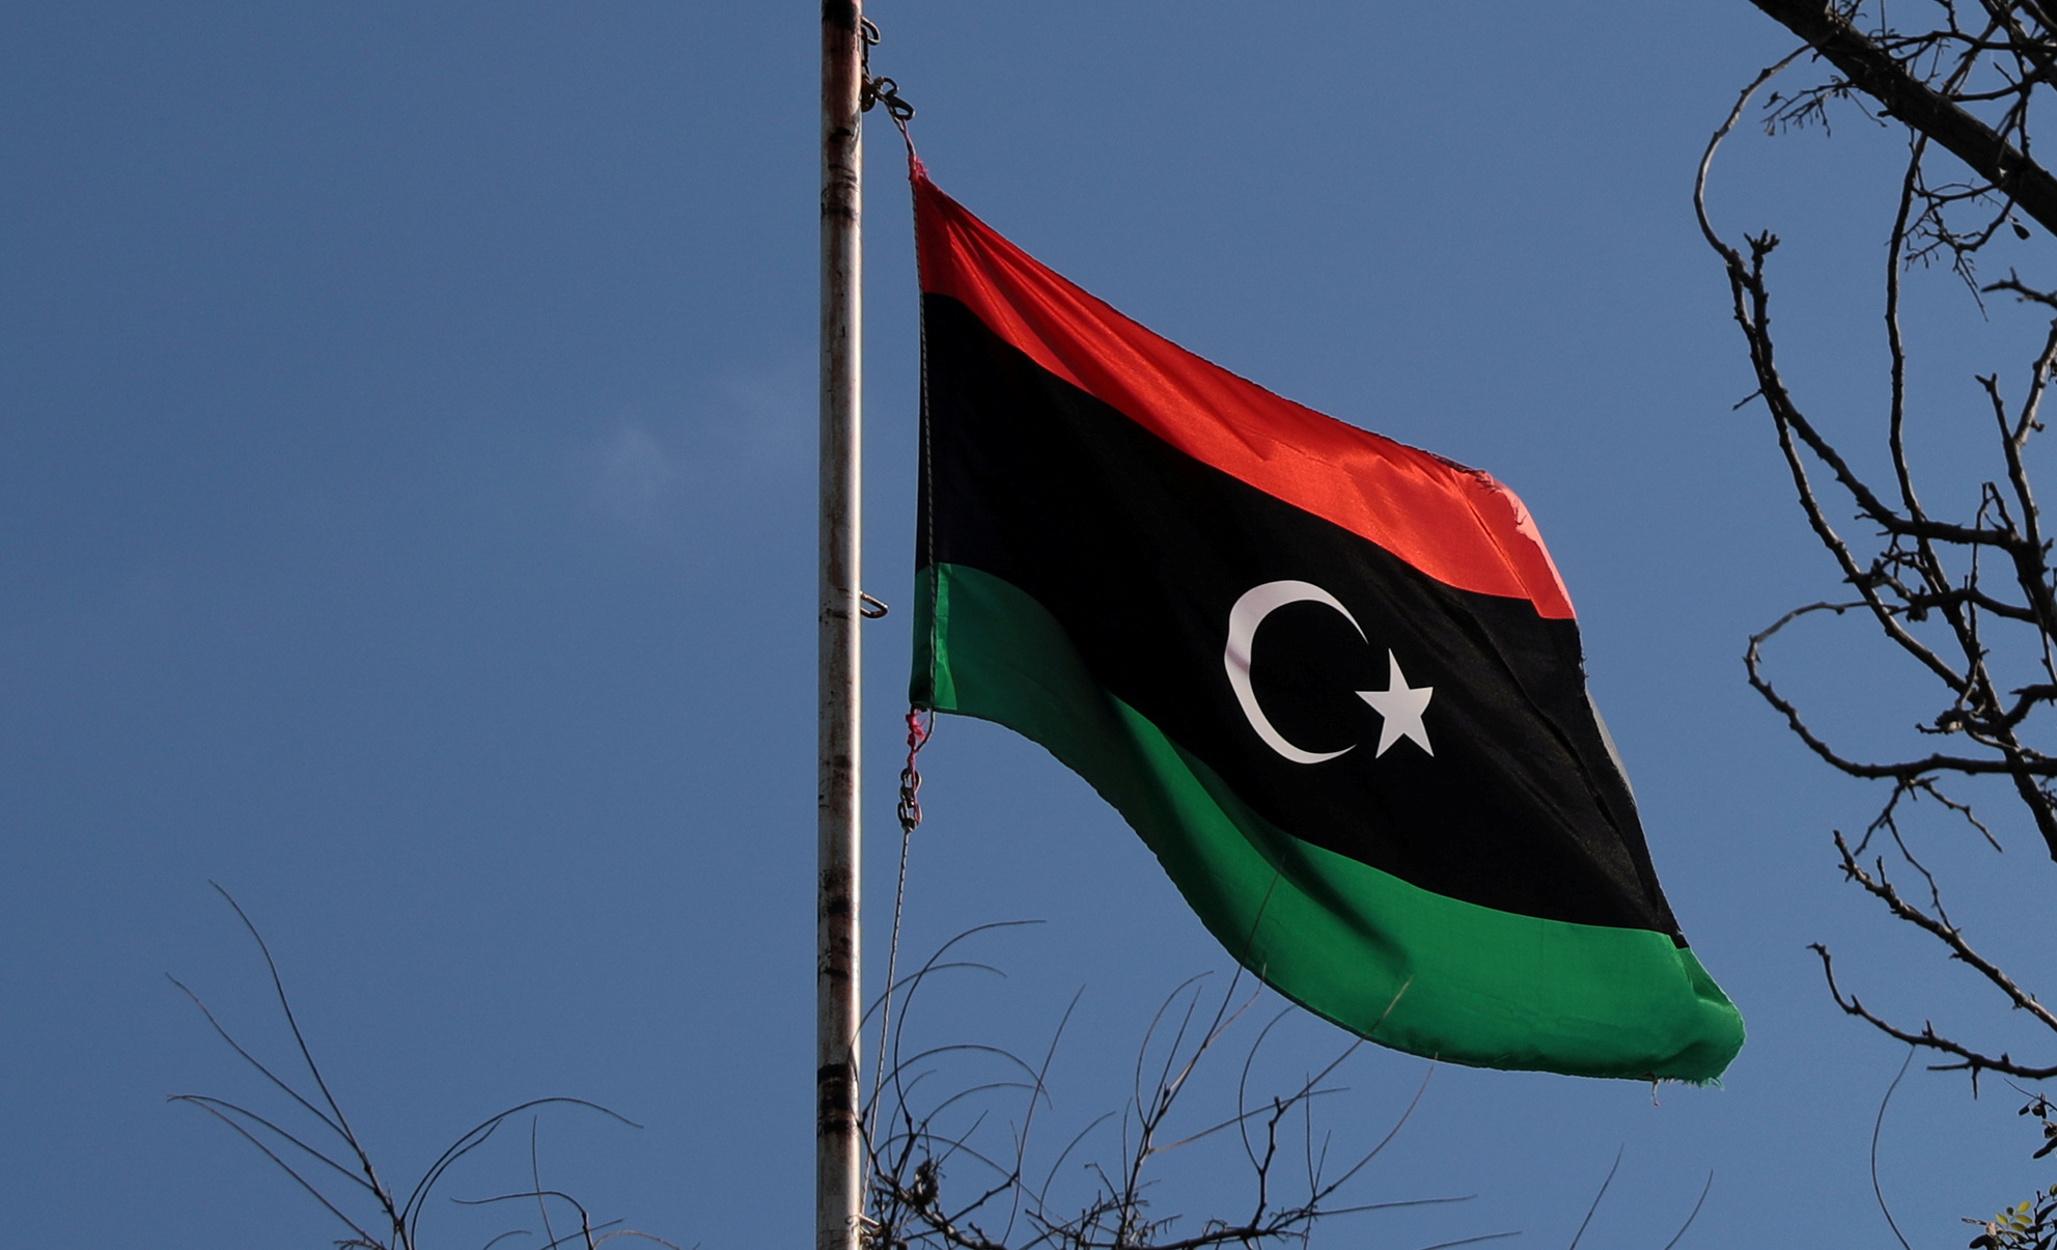 Λιβύη: Διεθνής σύνοδος στην Γαλλία στις 12 Νοεμβρίου